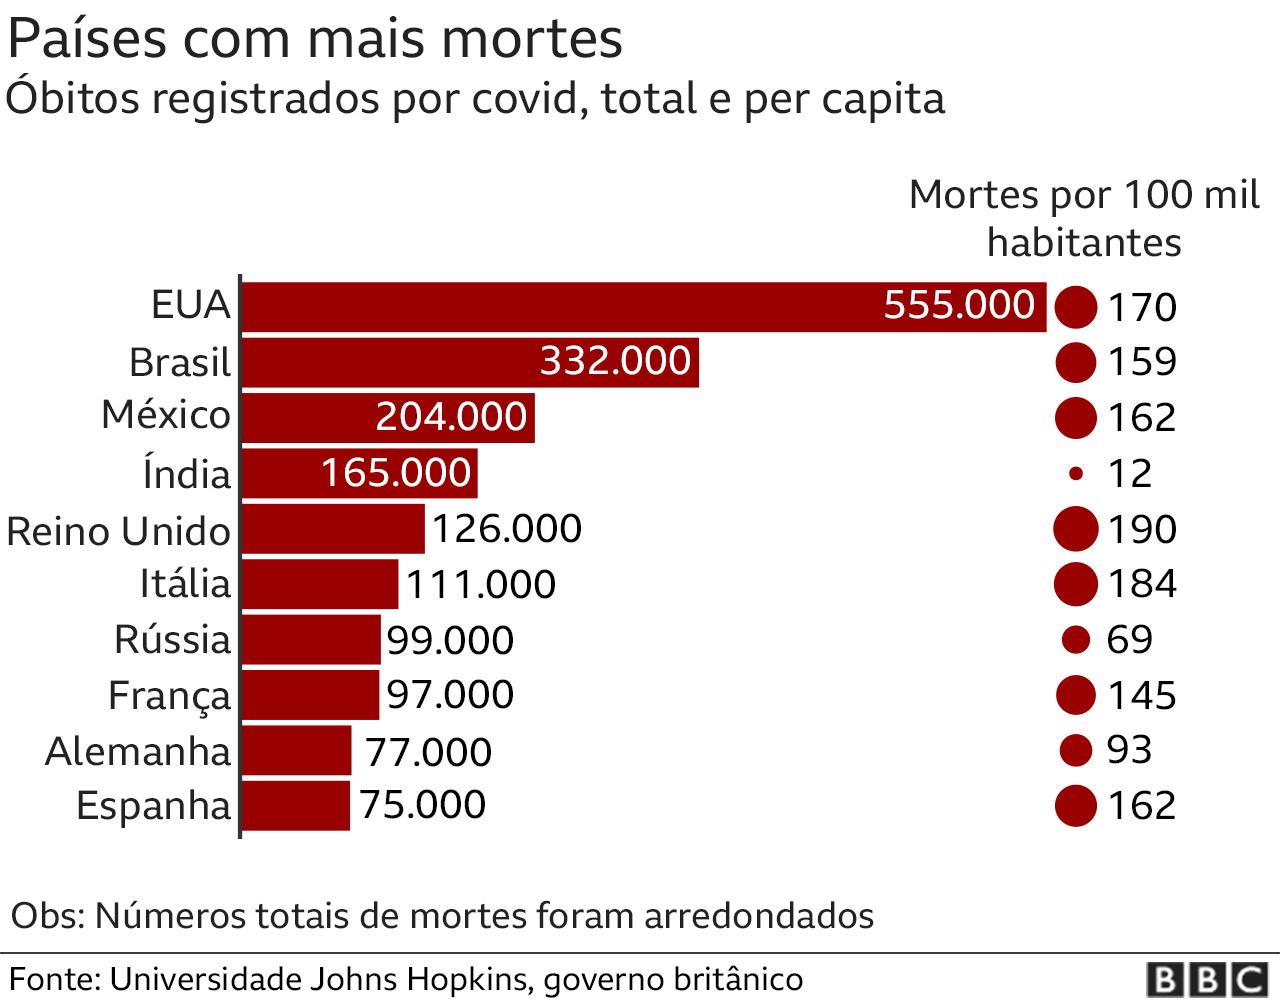 Gráfico comparativo das mortes no Brasil e em outros países